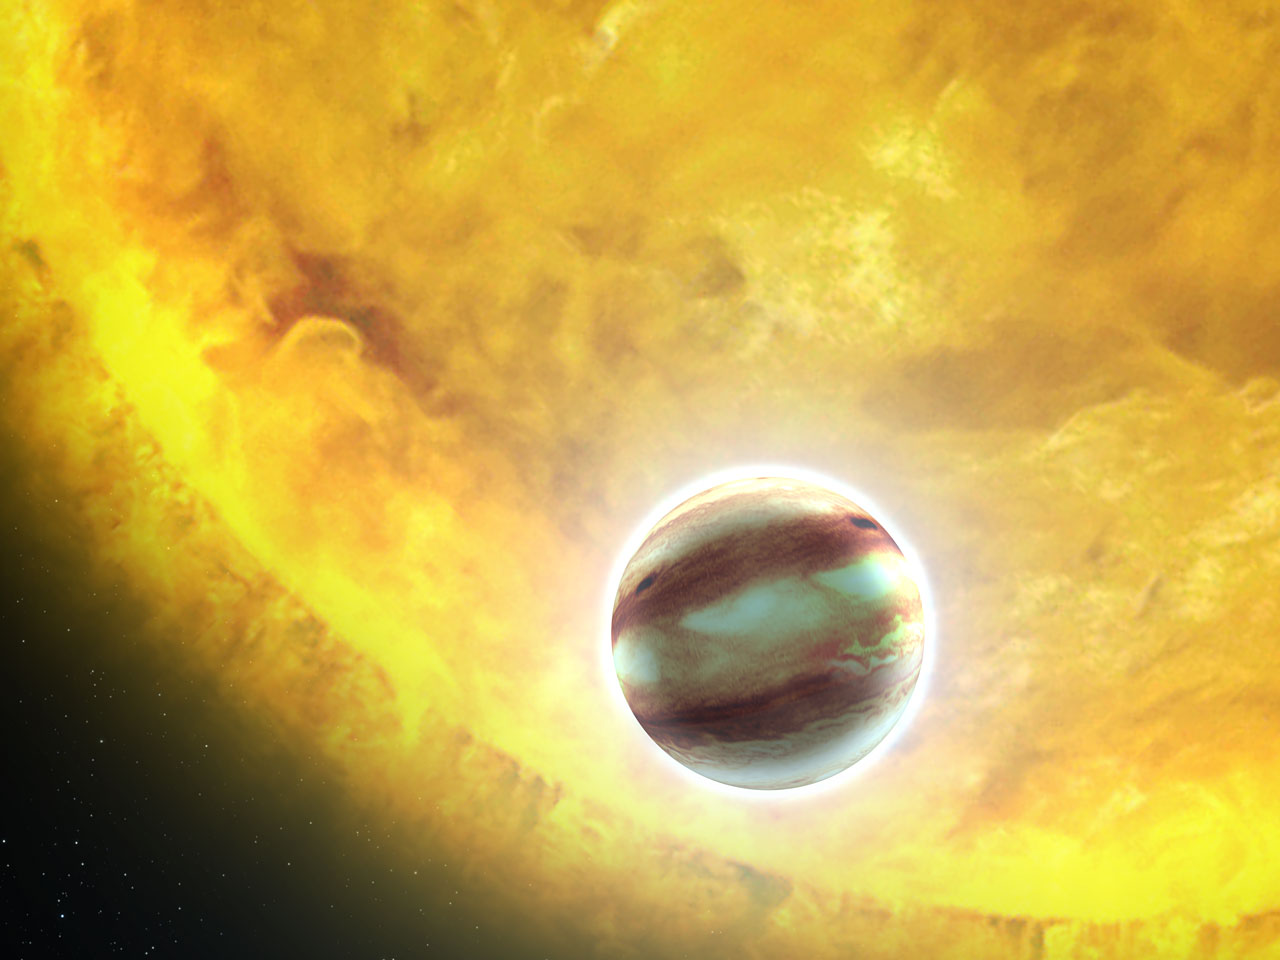 NASA / ESA / G. Bacon (STScI)